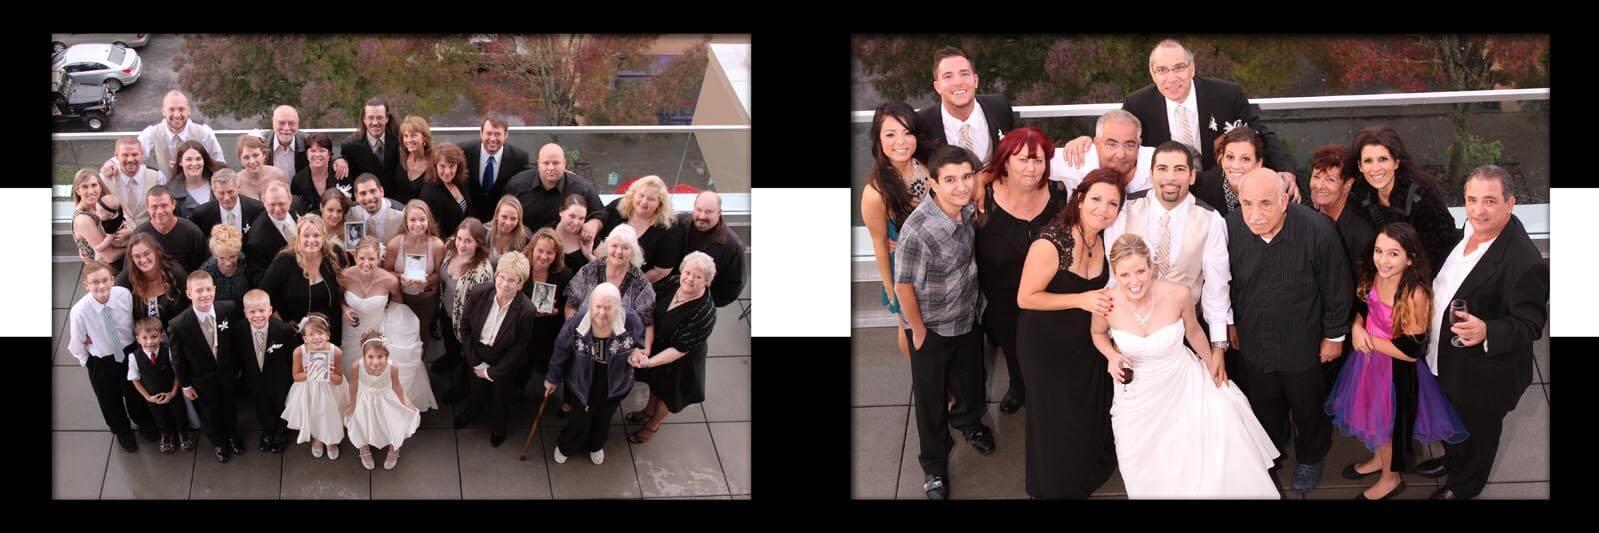 The-Vue-Indoor-Wedding-Venue-Corvallis-Oregon-wedding-photographers042-043.jpg